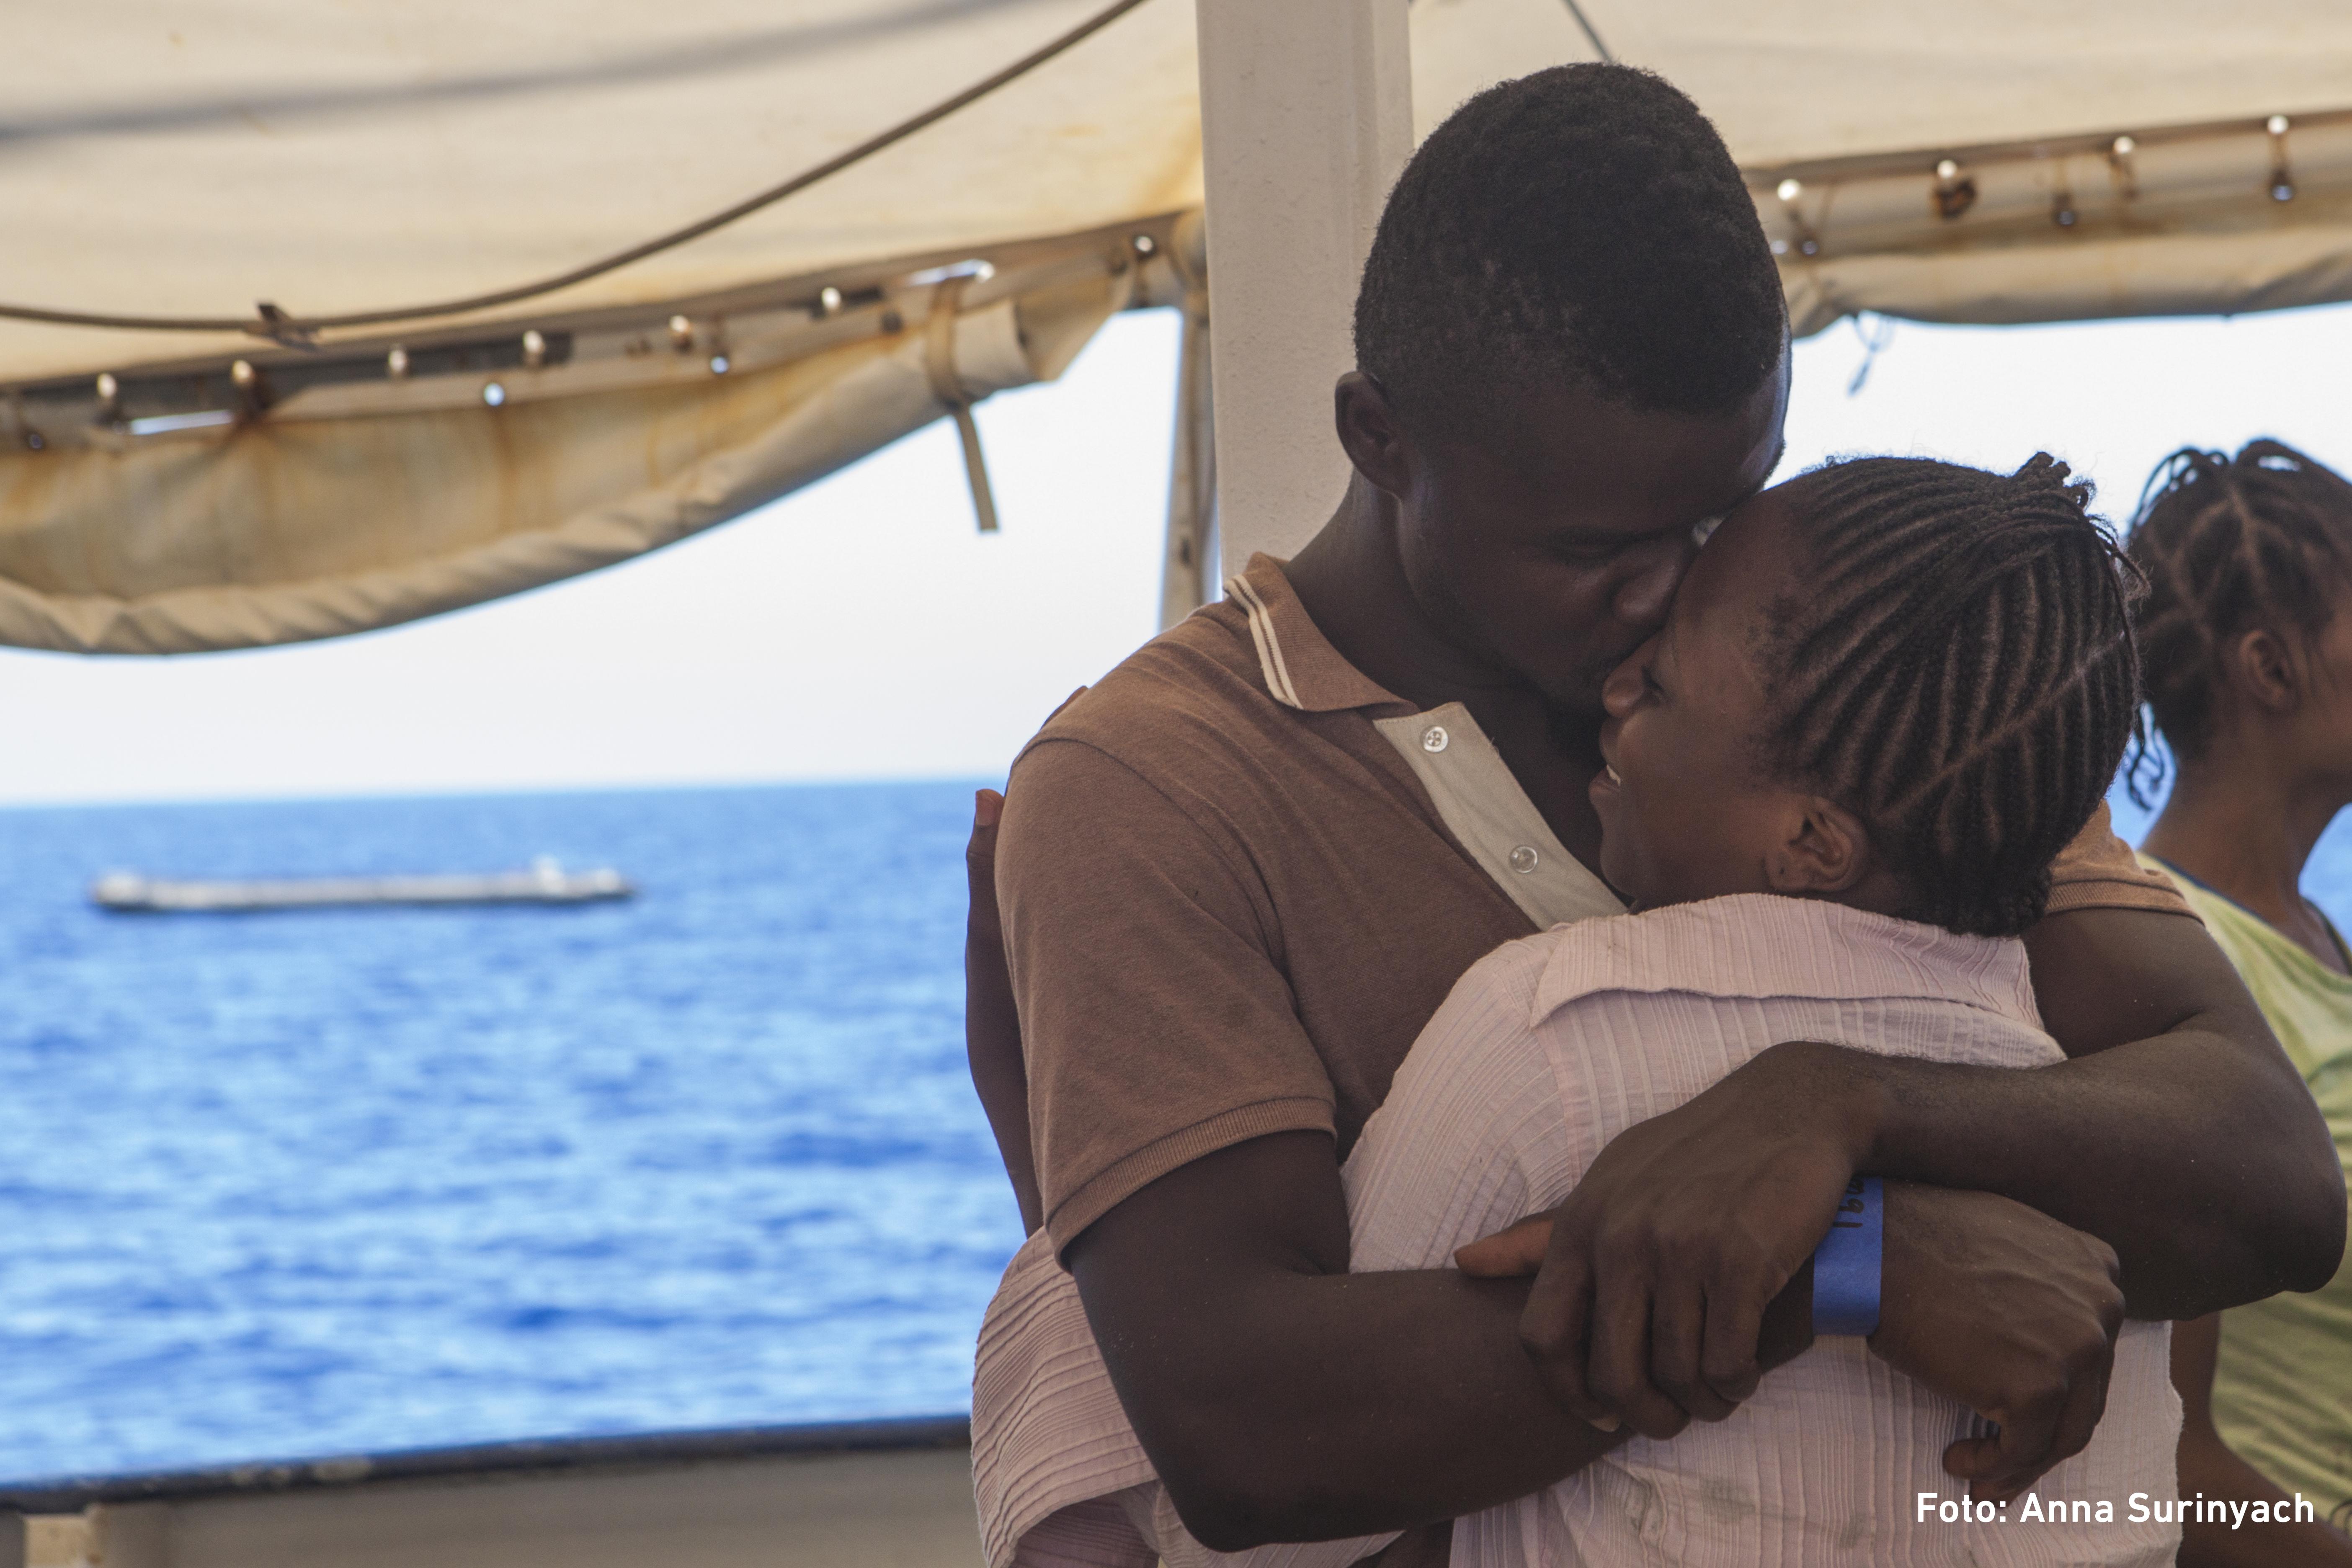 Cinco medidas urgentes para que Europa defienda los derechos de las personas migrantes